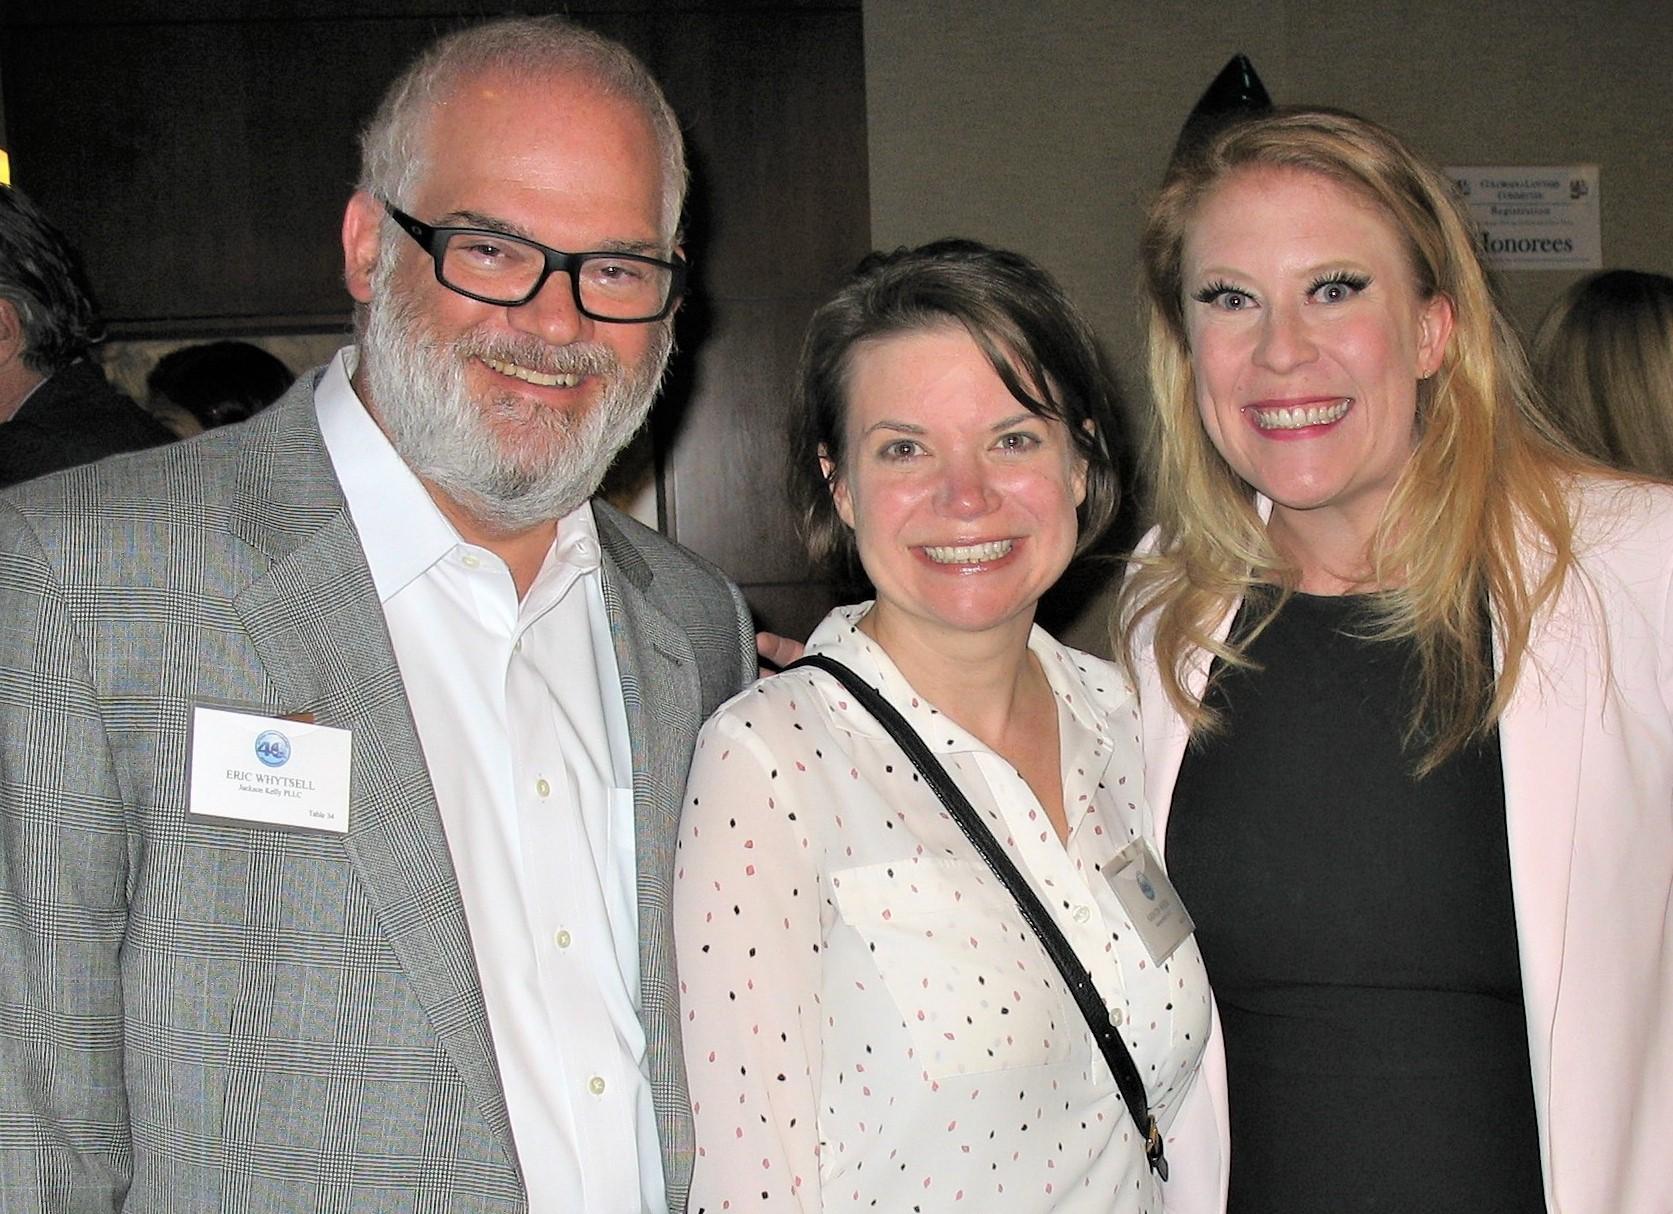 DSCN1284 Eric Whytsell, Kristin White & Amber Vincent.jpg